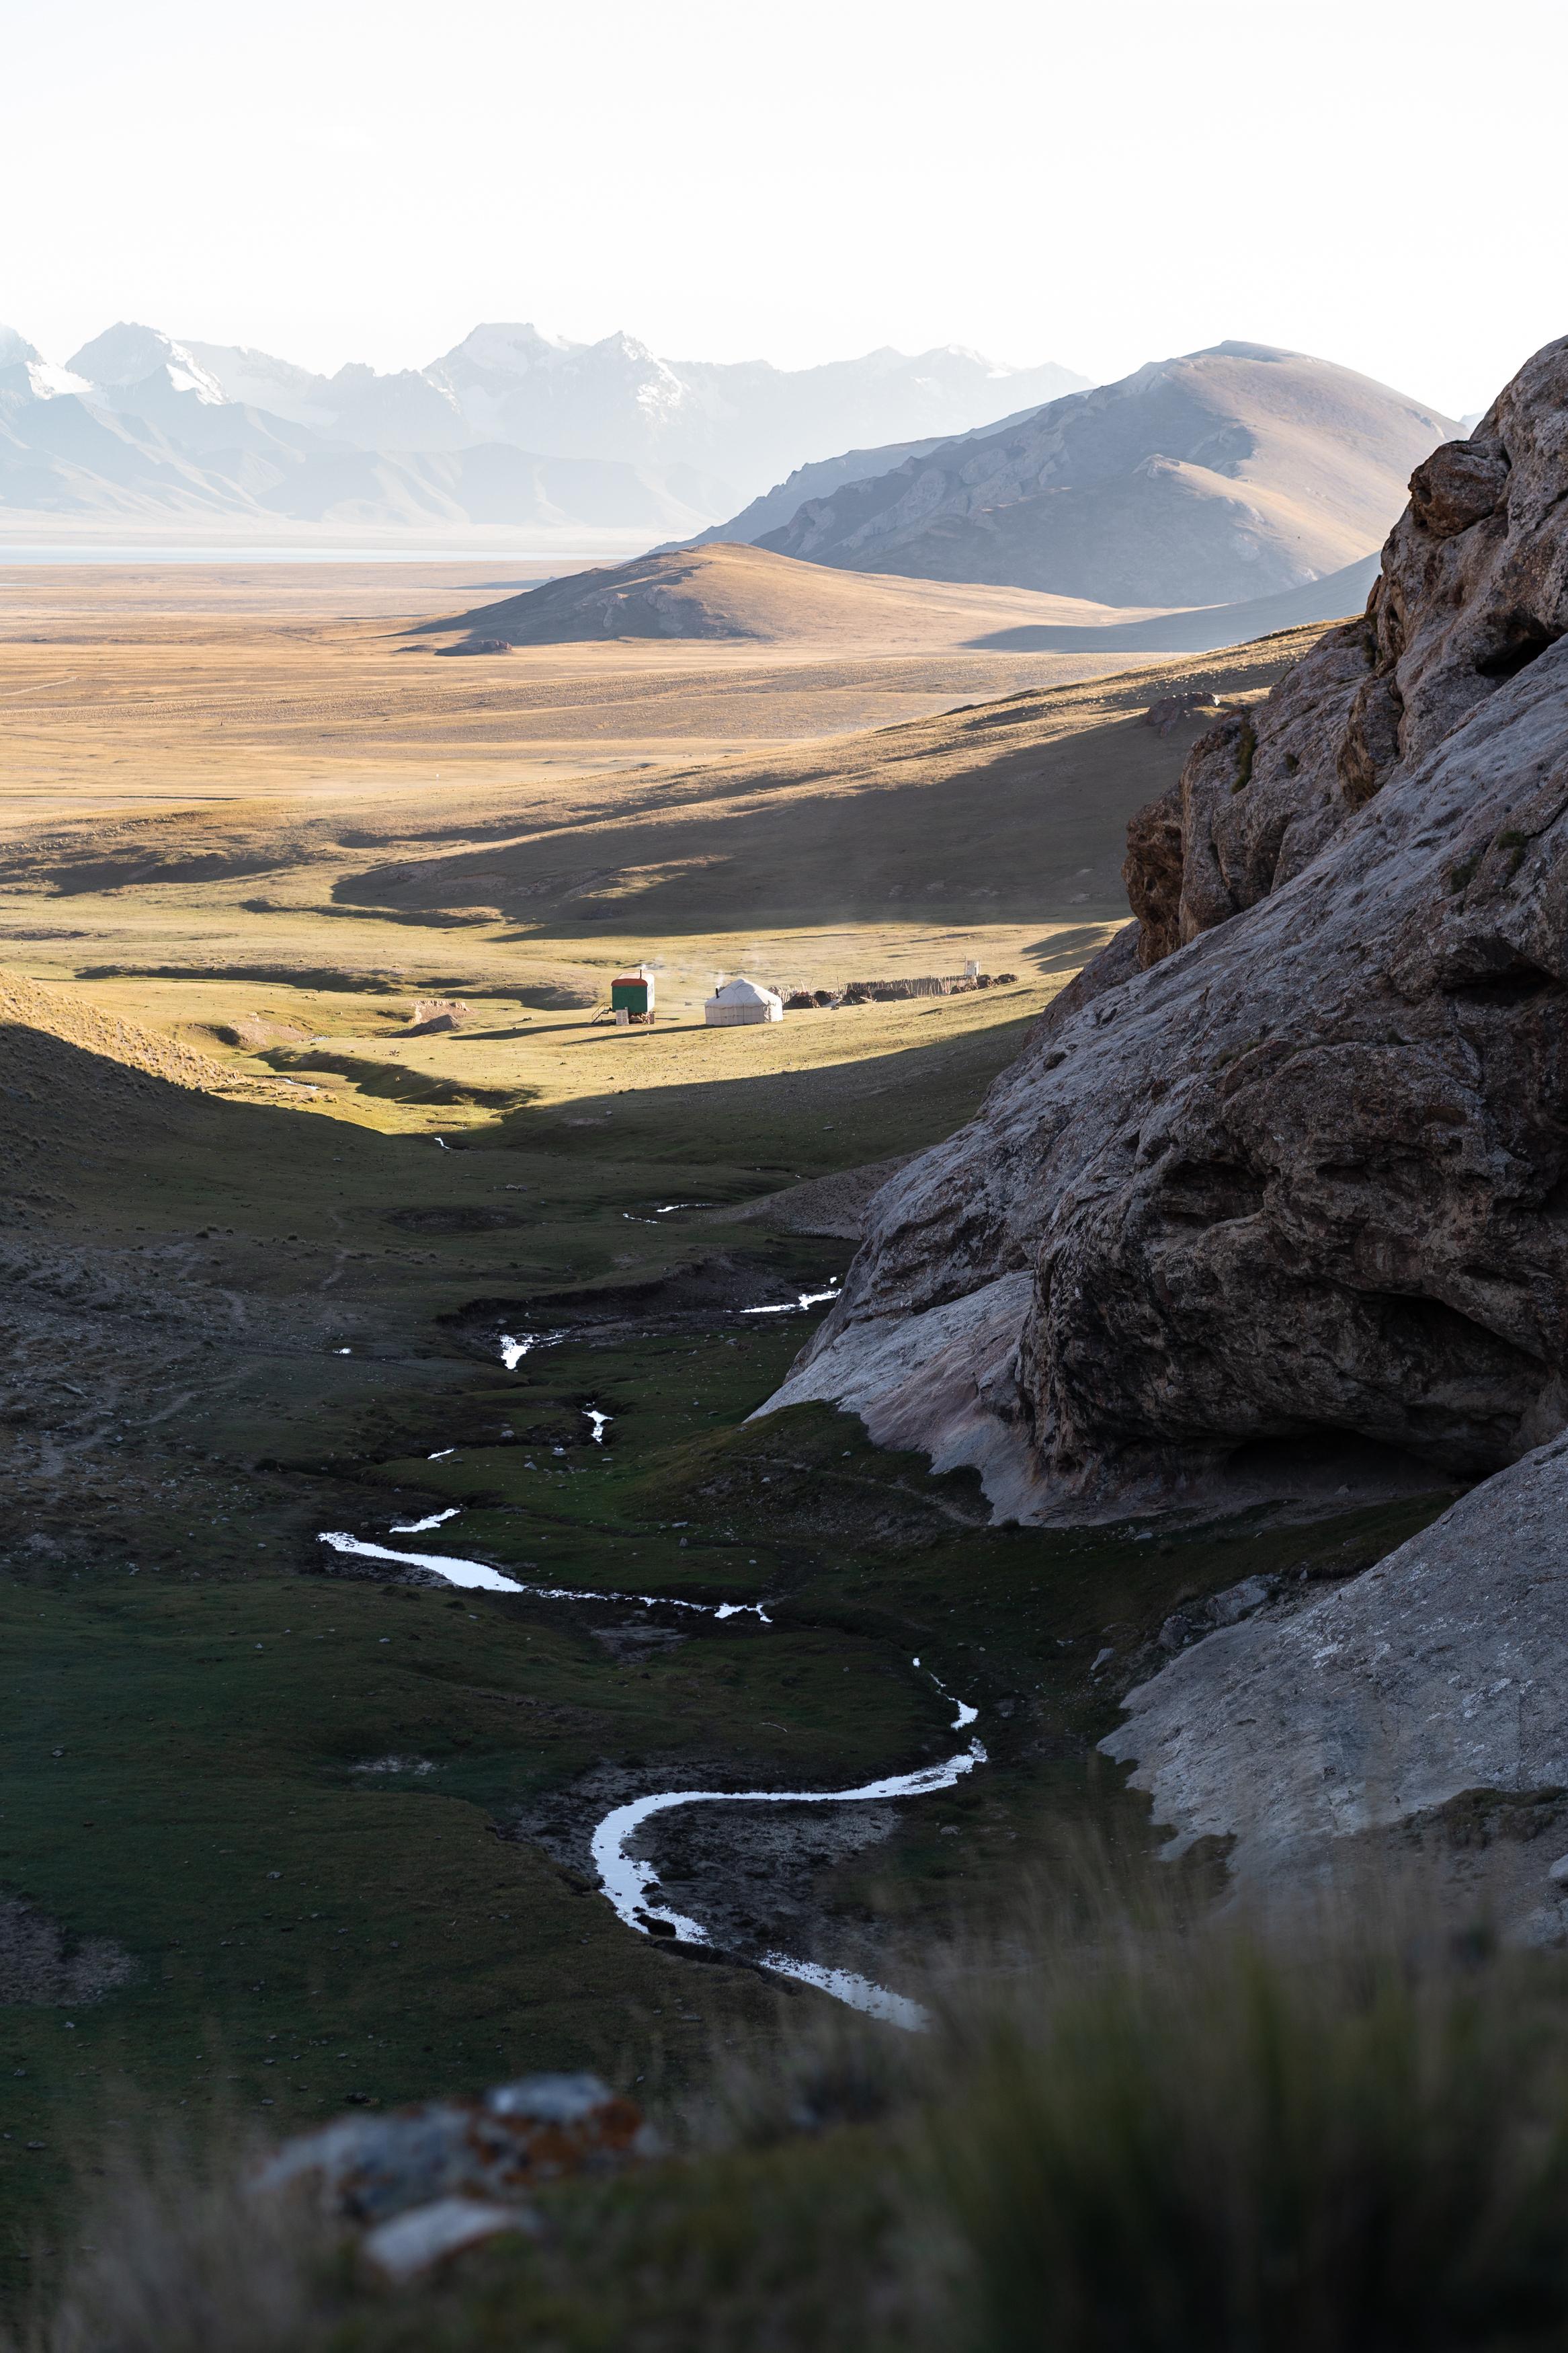 Chatyr Kul - Kyrgyzstan